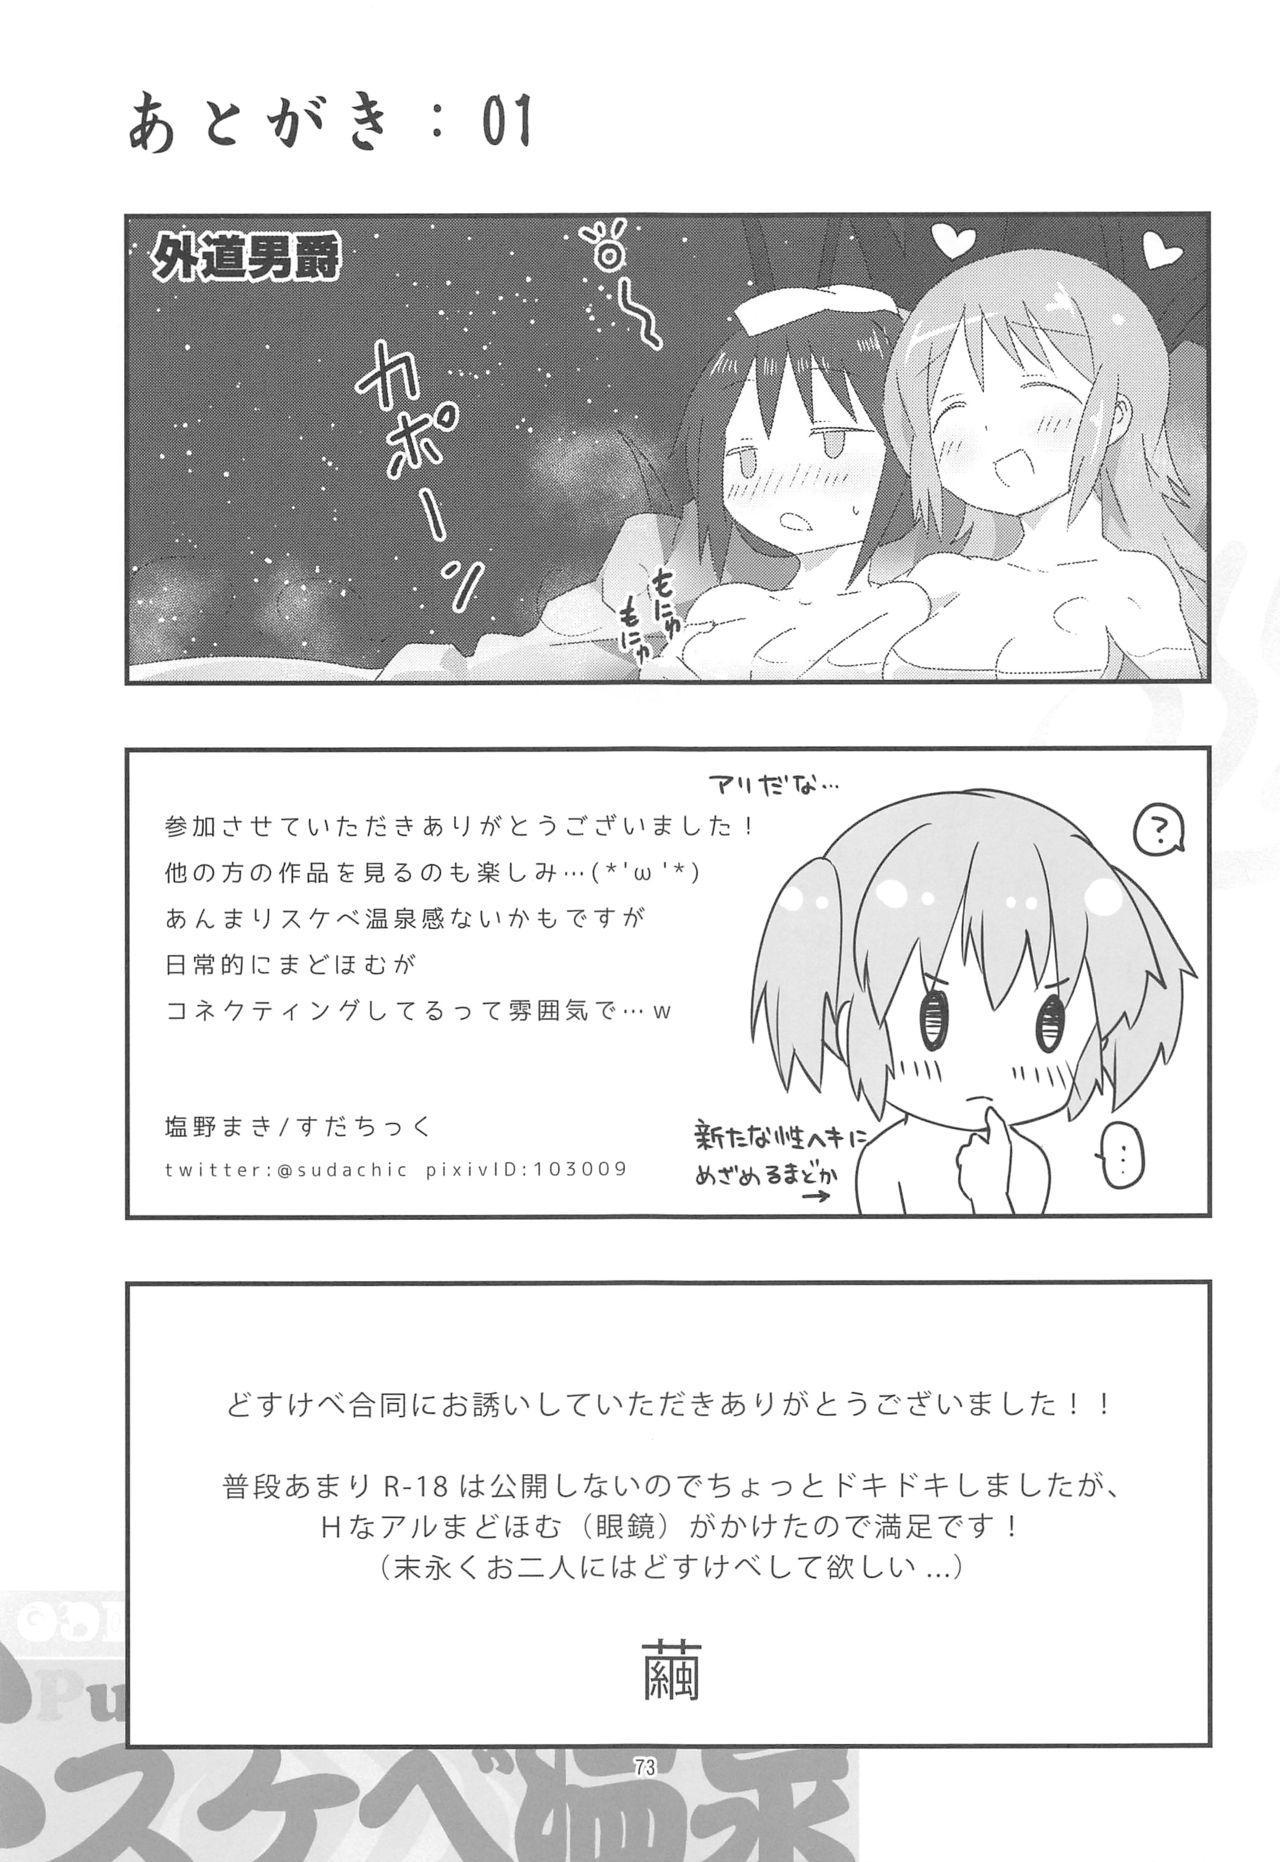 MadoHomu no Yu Puella Magi Dosukebe Onsen 71